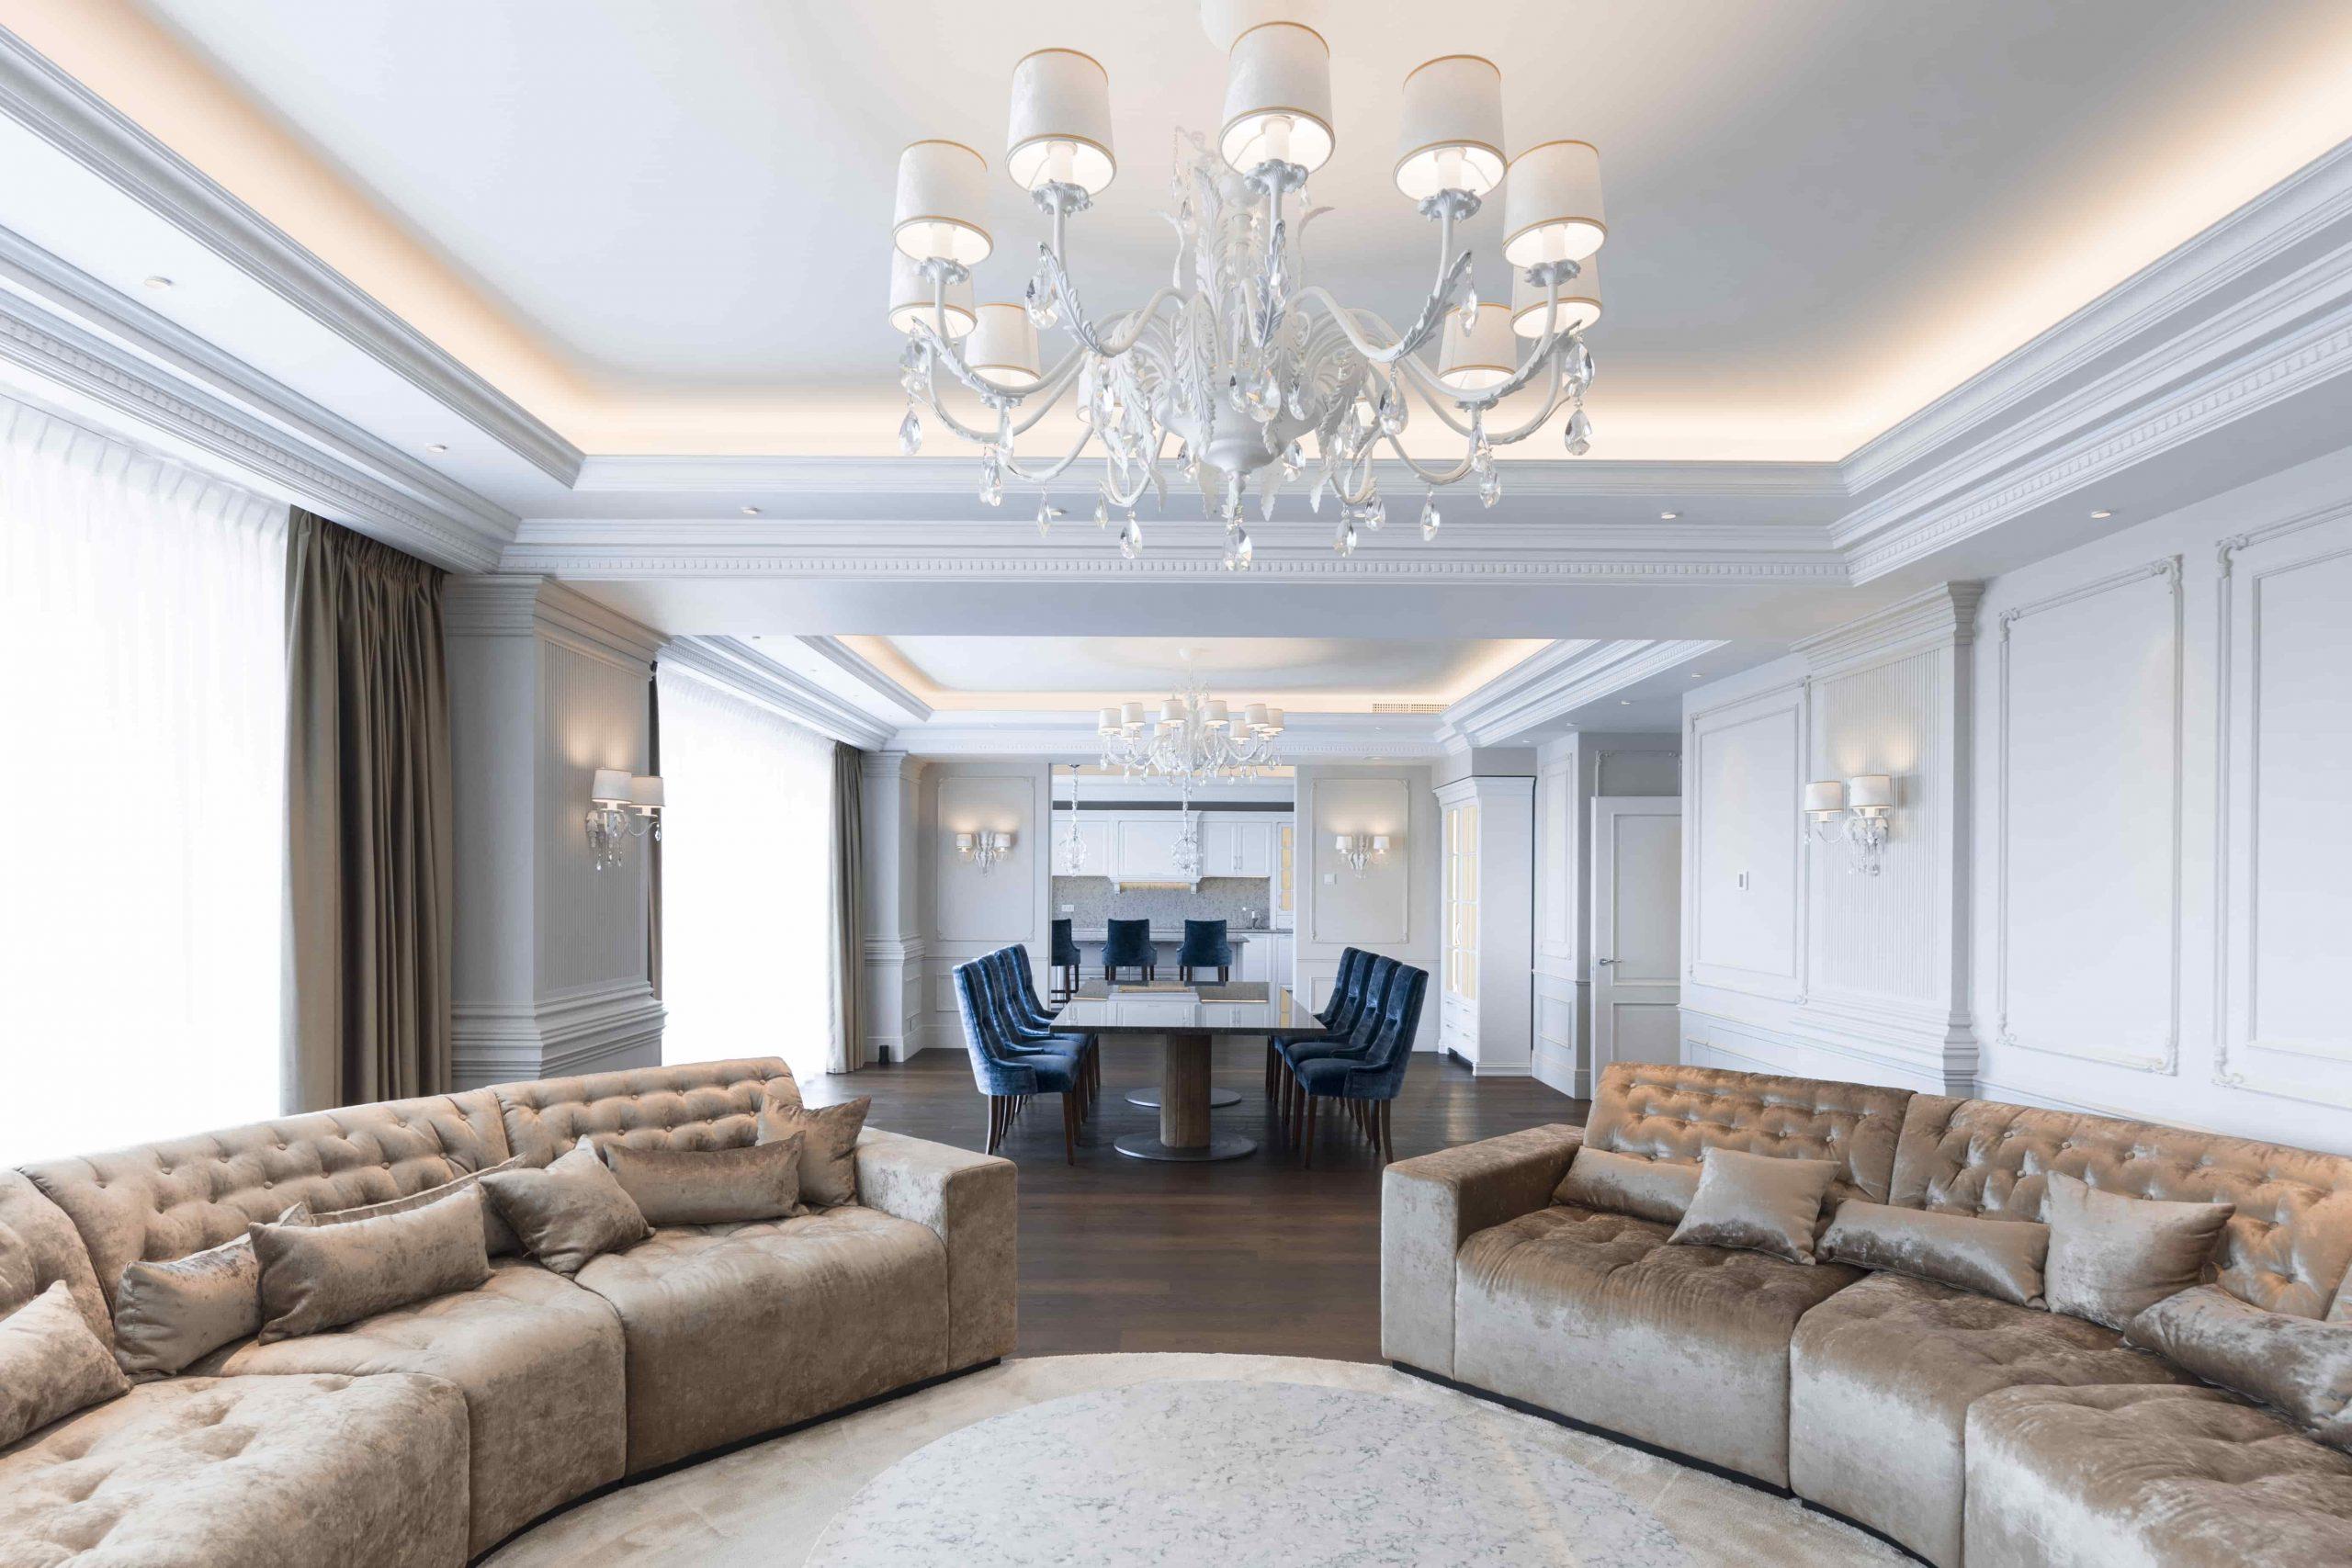 preturi design interior chisinau